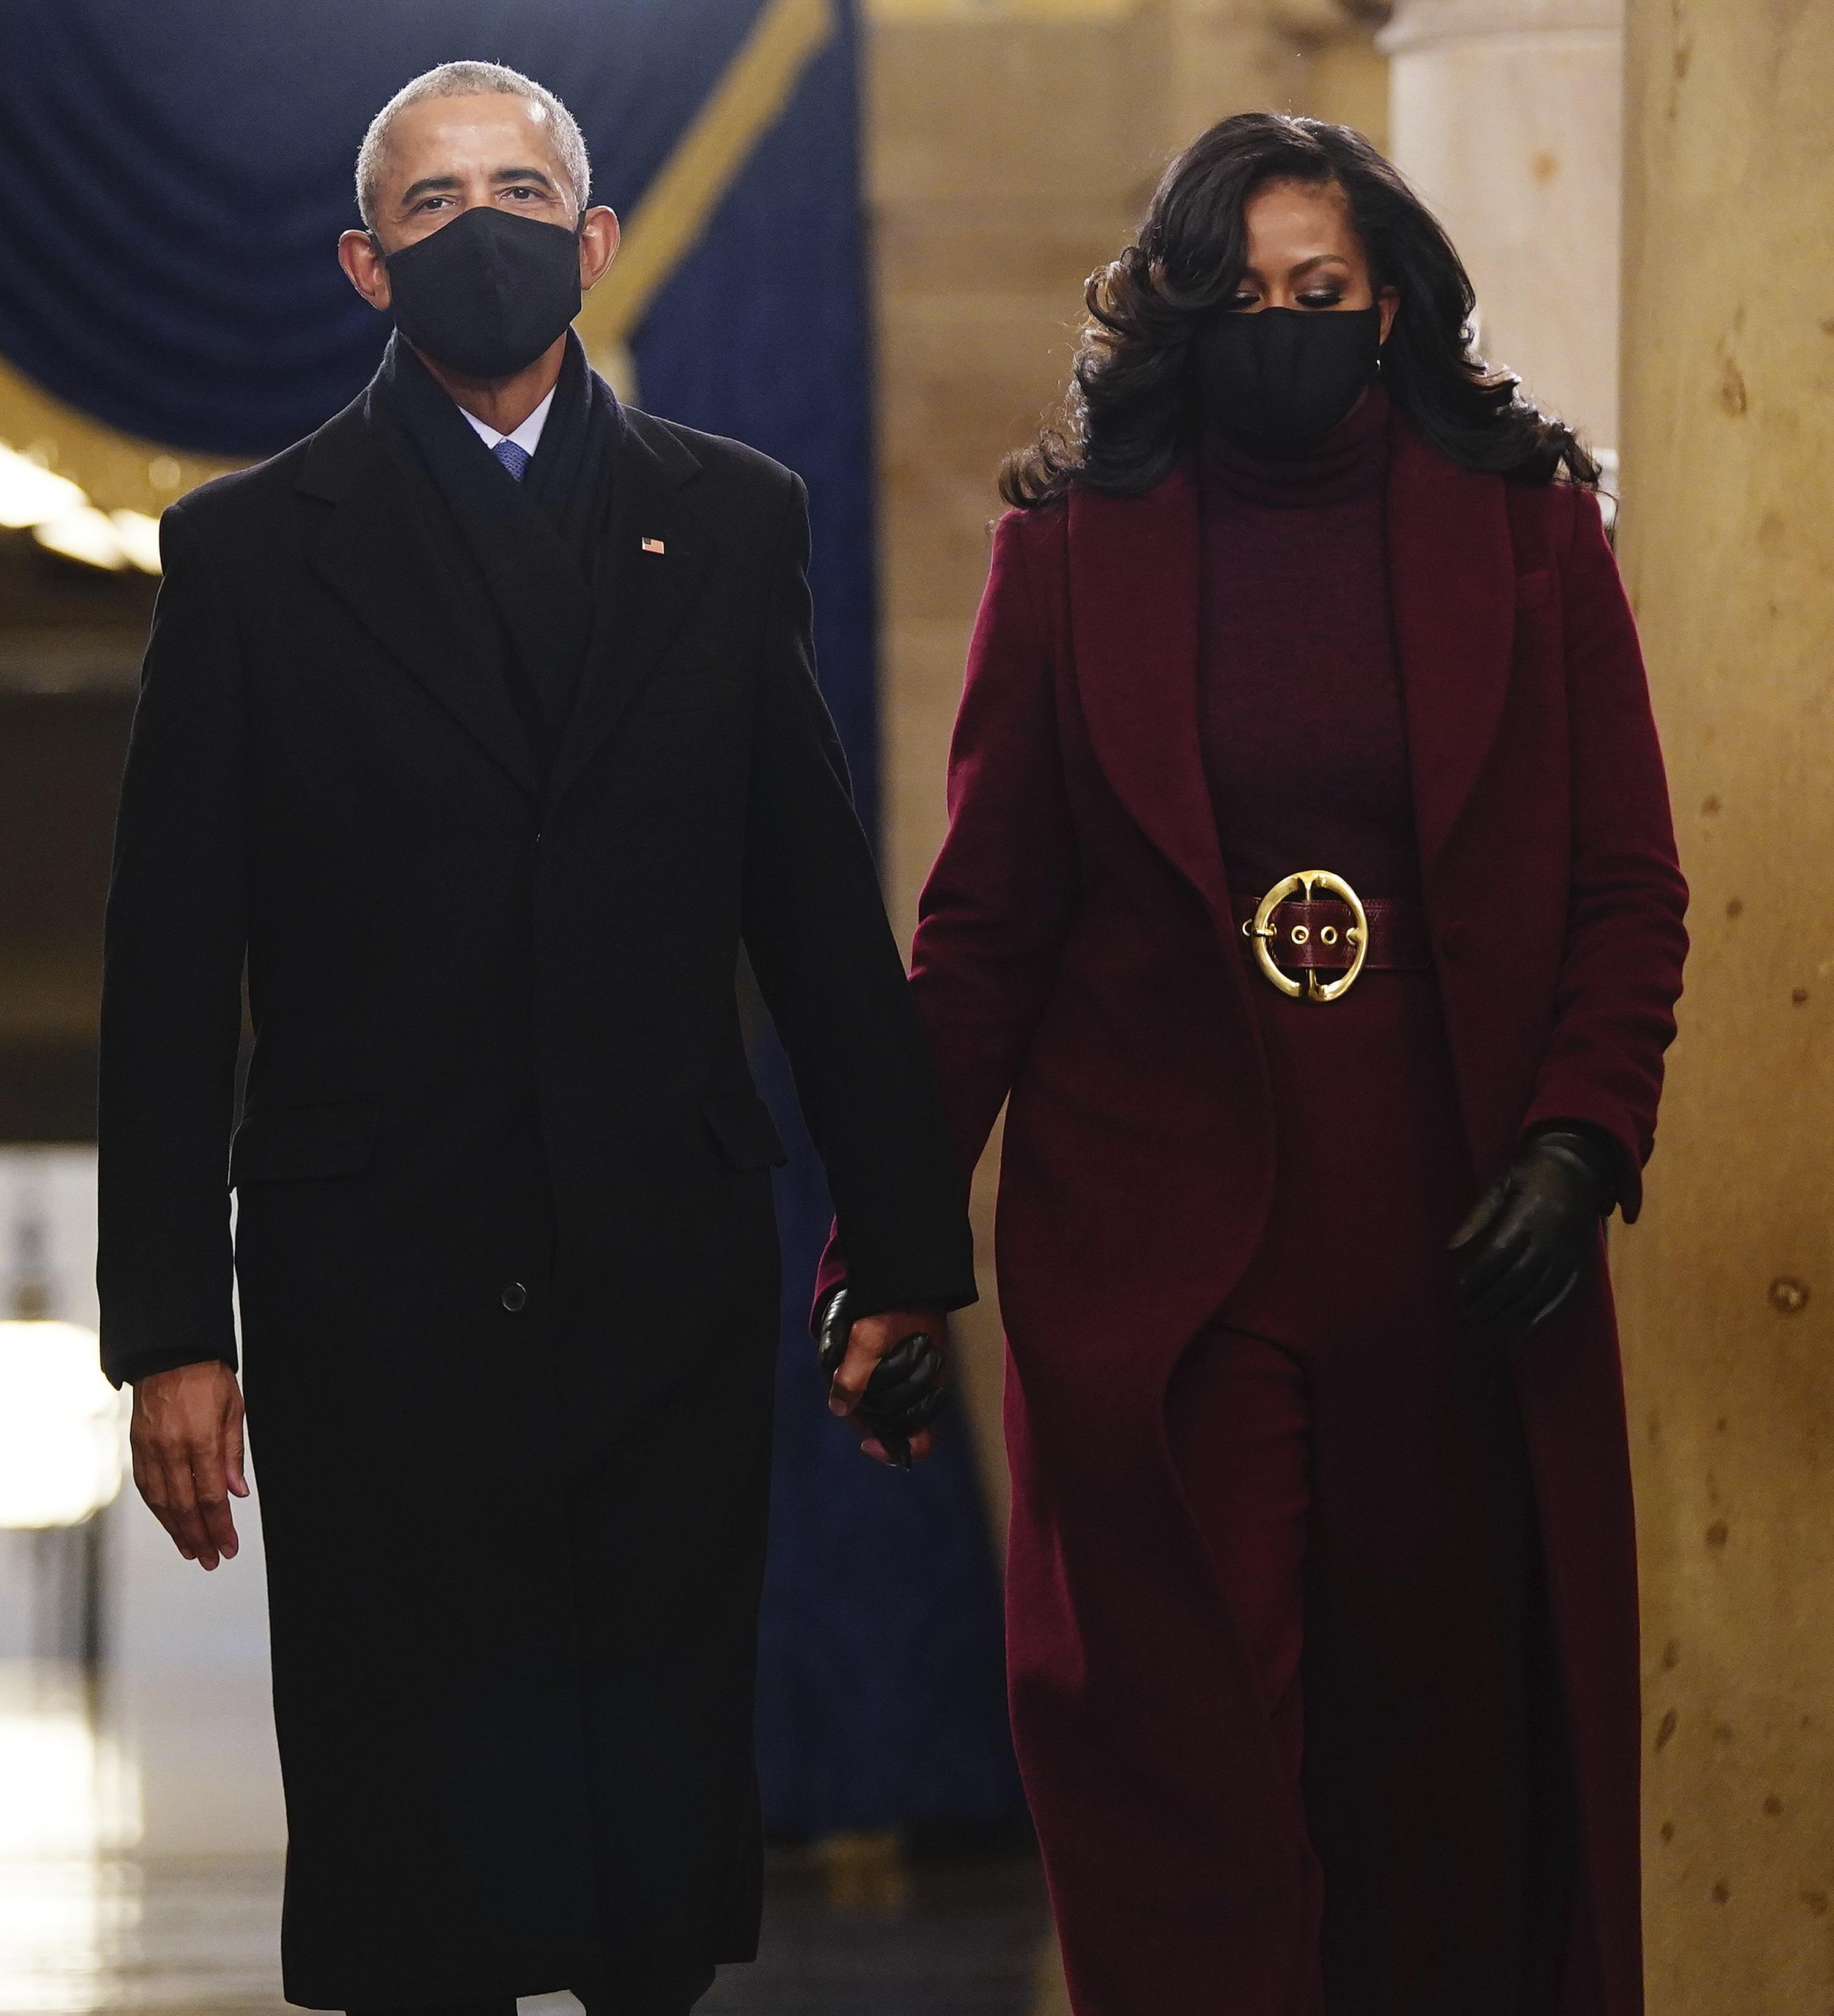 Michelle Obama -quien llegó de la mano con su esposo, el expresidente Barack Obama- lució un conjunto en tono borgoña compuesto por un pantalón de pierna ancha, un jersey de cuello alto y abrigo capa del diseñador Sergio Hudson. (AP)